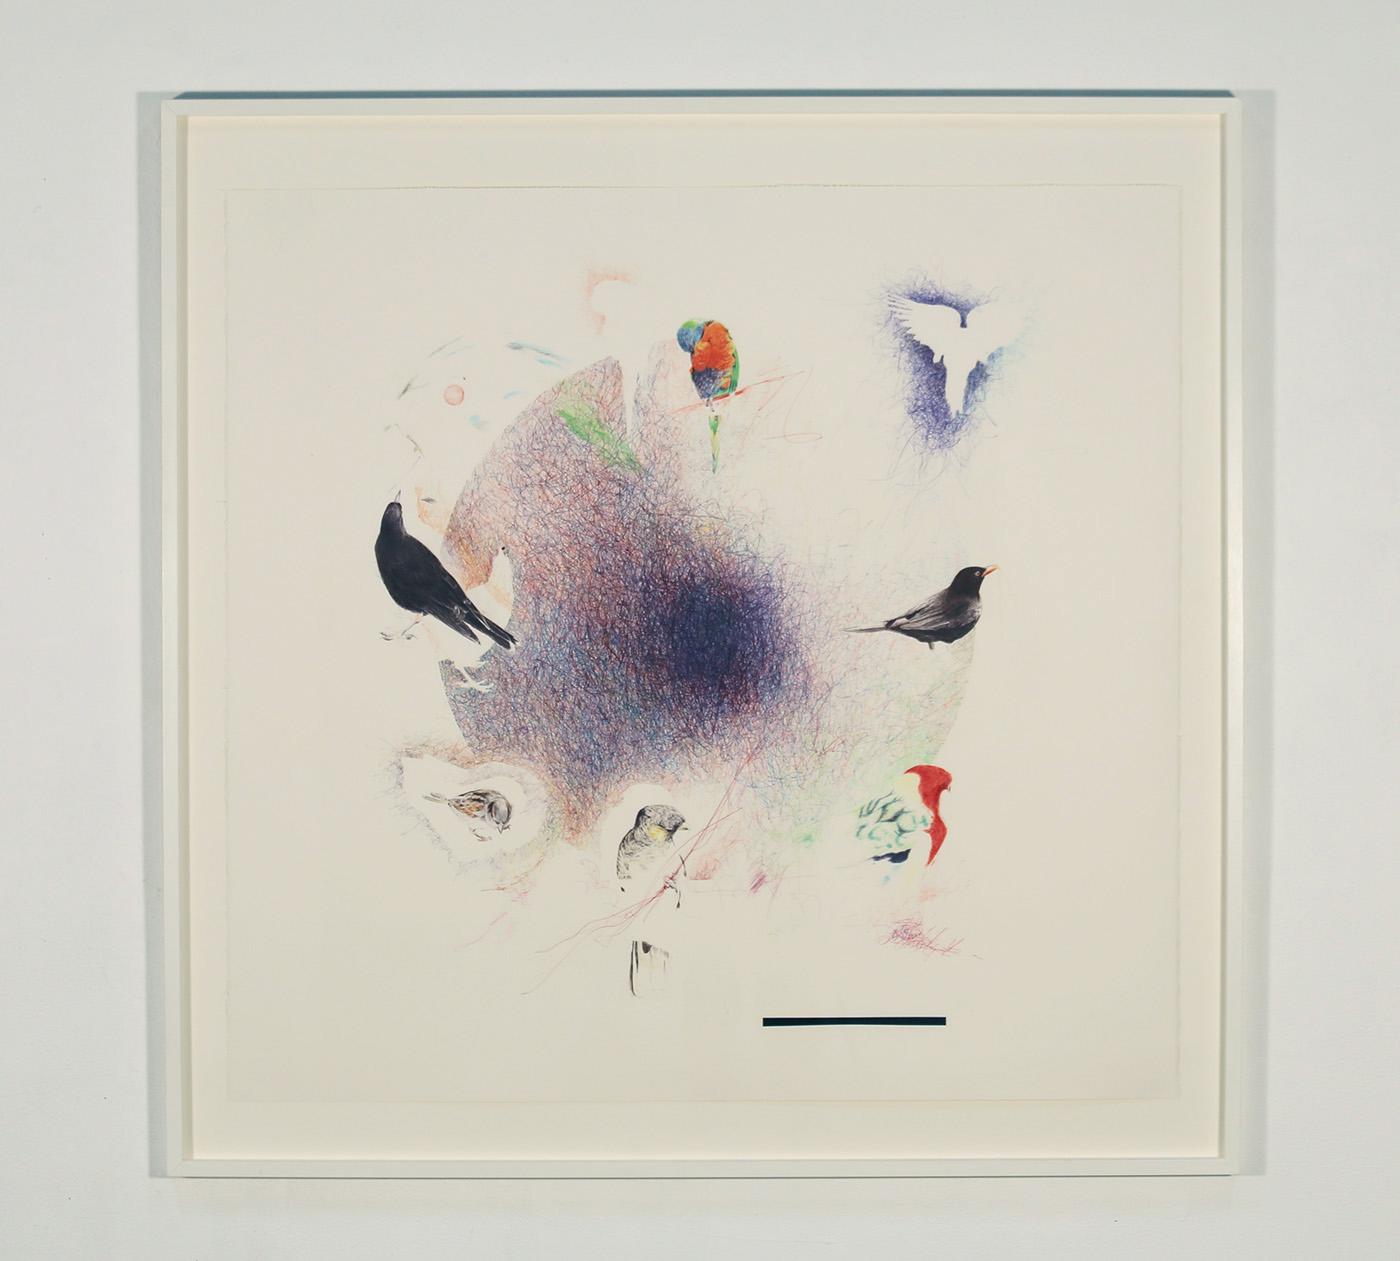 Heraldic Sphere 3 (birds) 2017-19